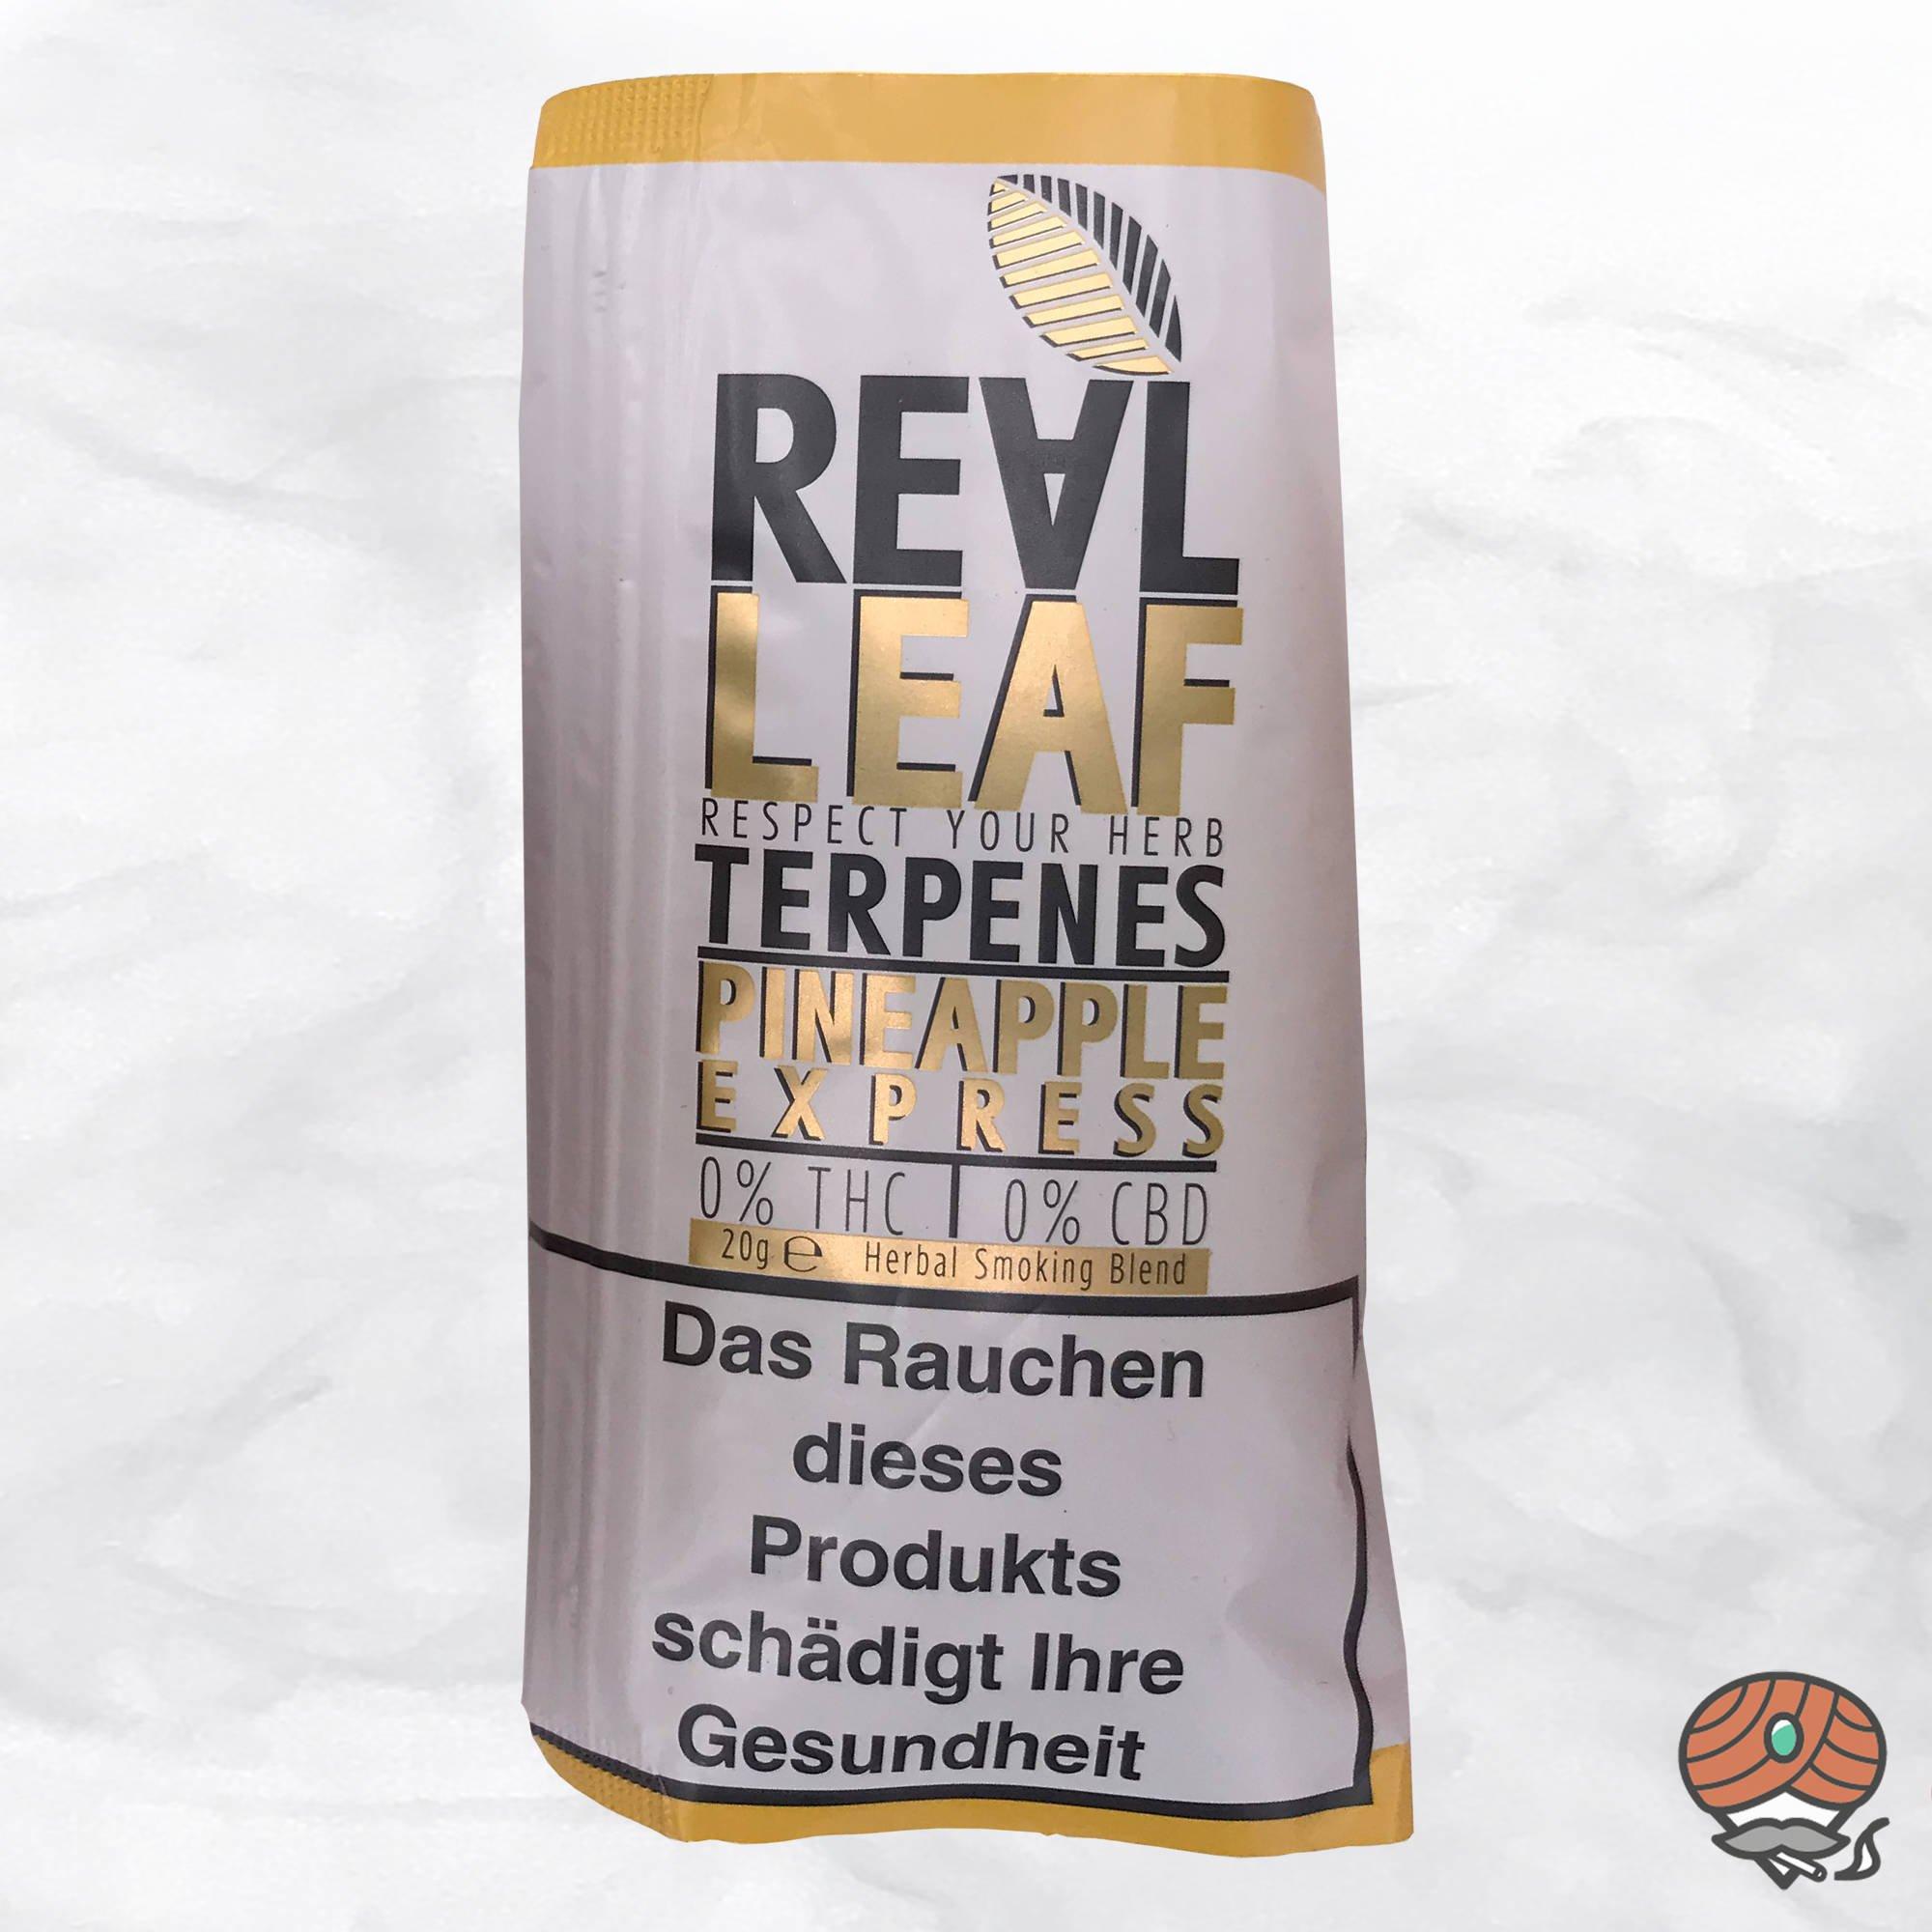 Real Leaf Pineapple Express, Tabakersatz, nikotinfrei, Kräutermischung 20g